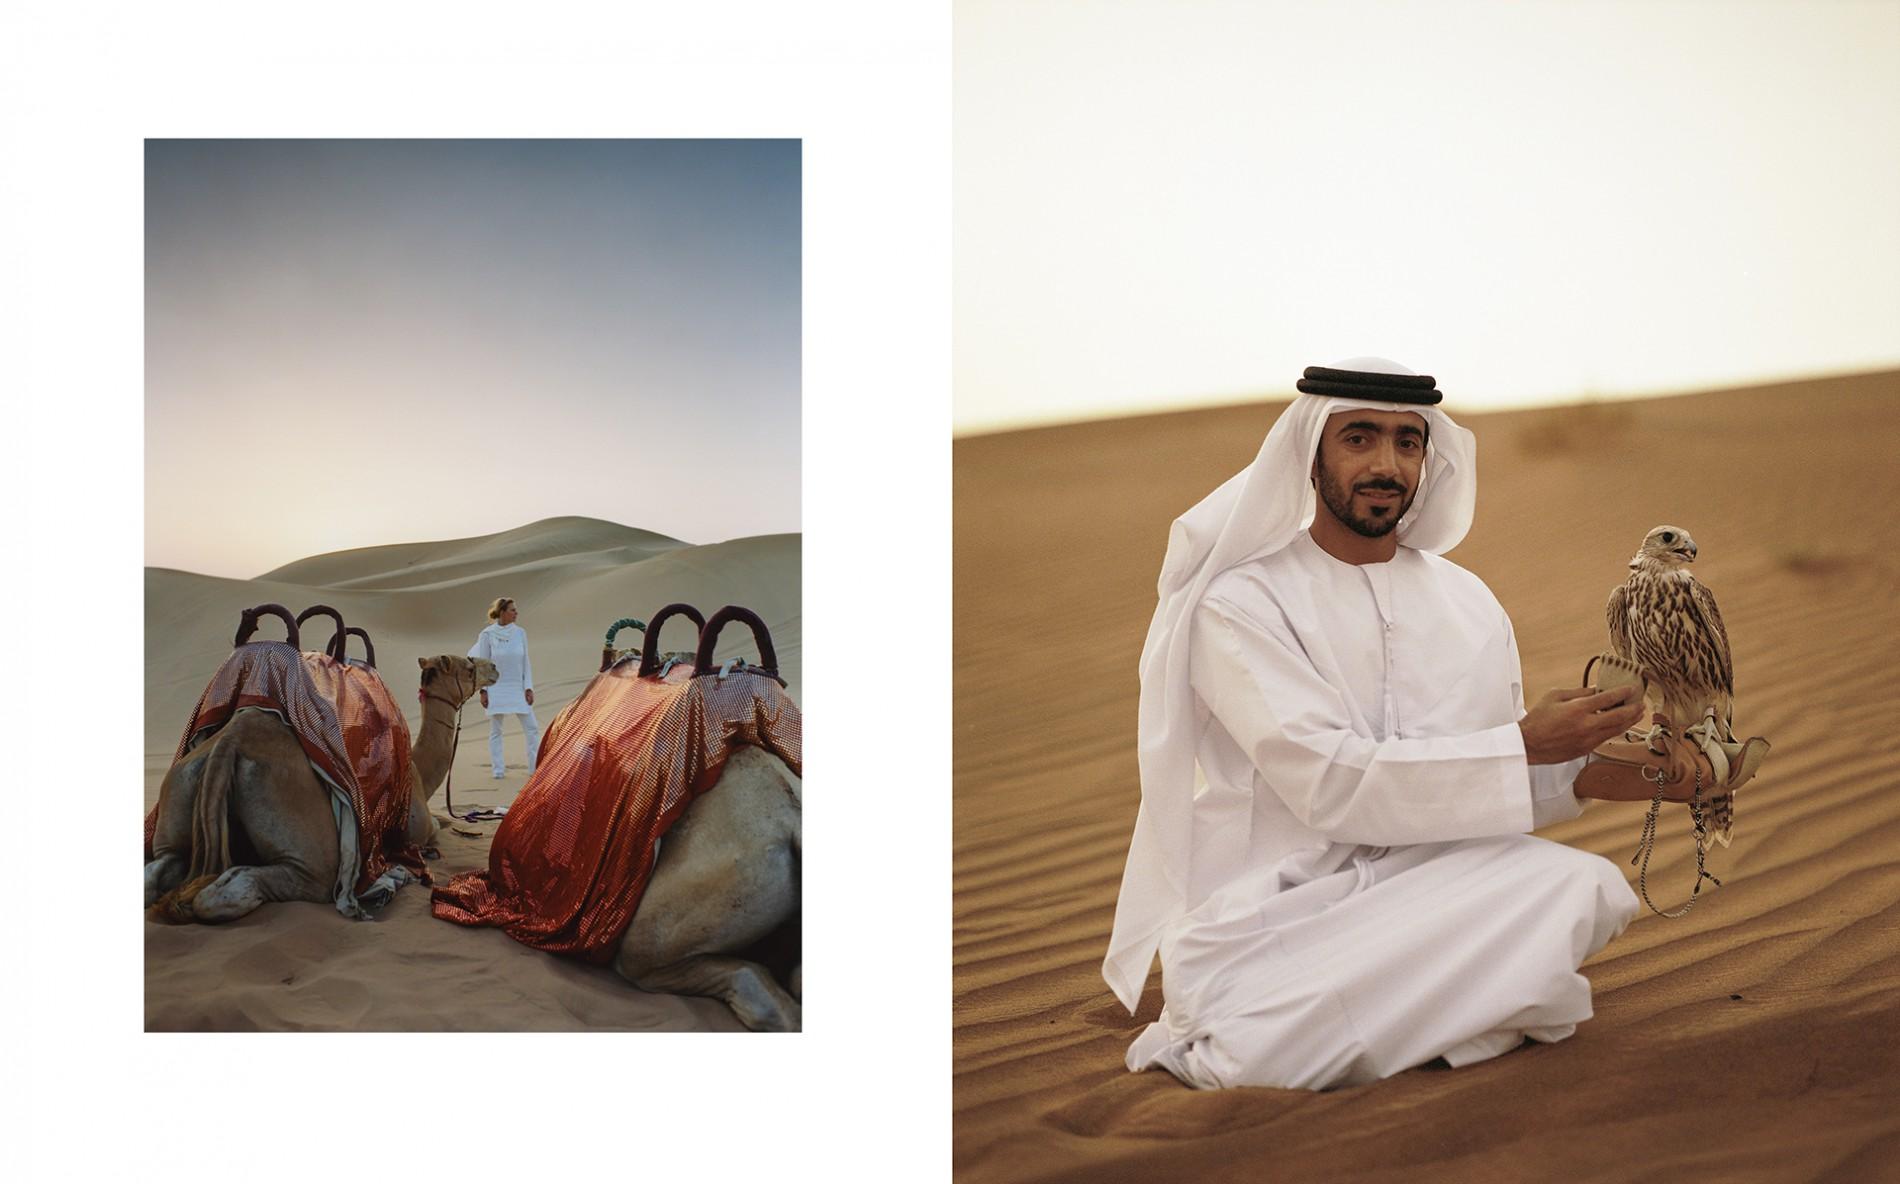 05.Abu Dhabi05